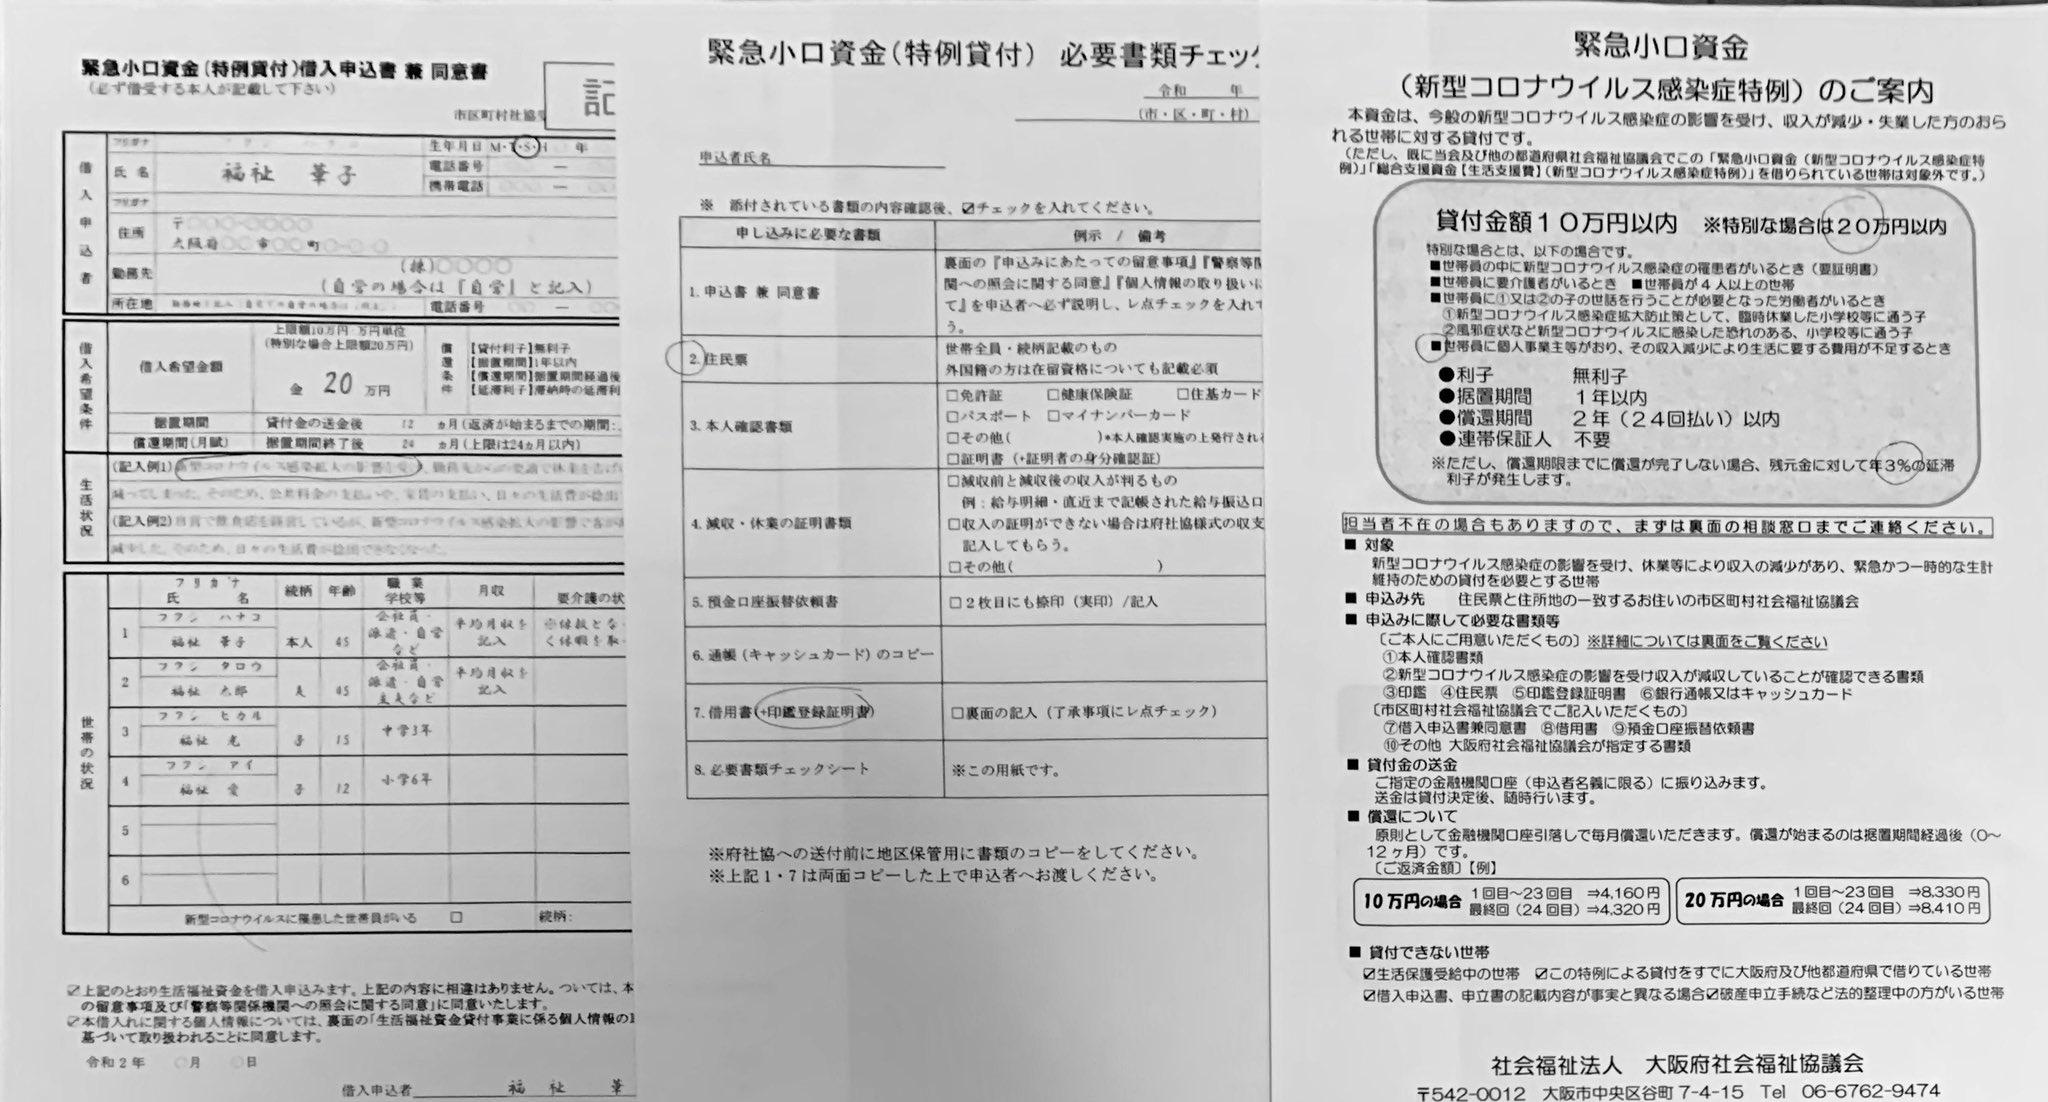 小口 資金 大阪 緊急